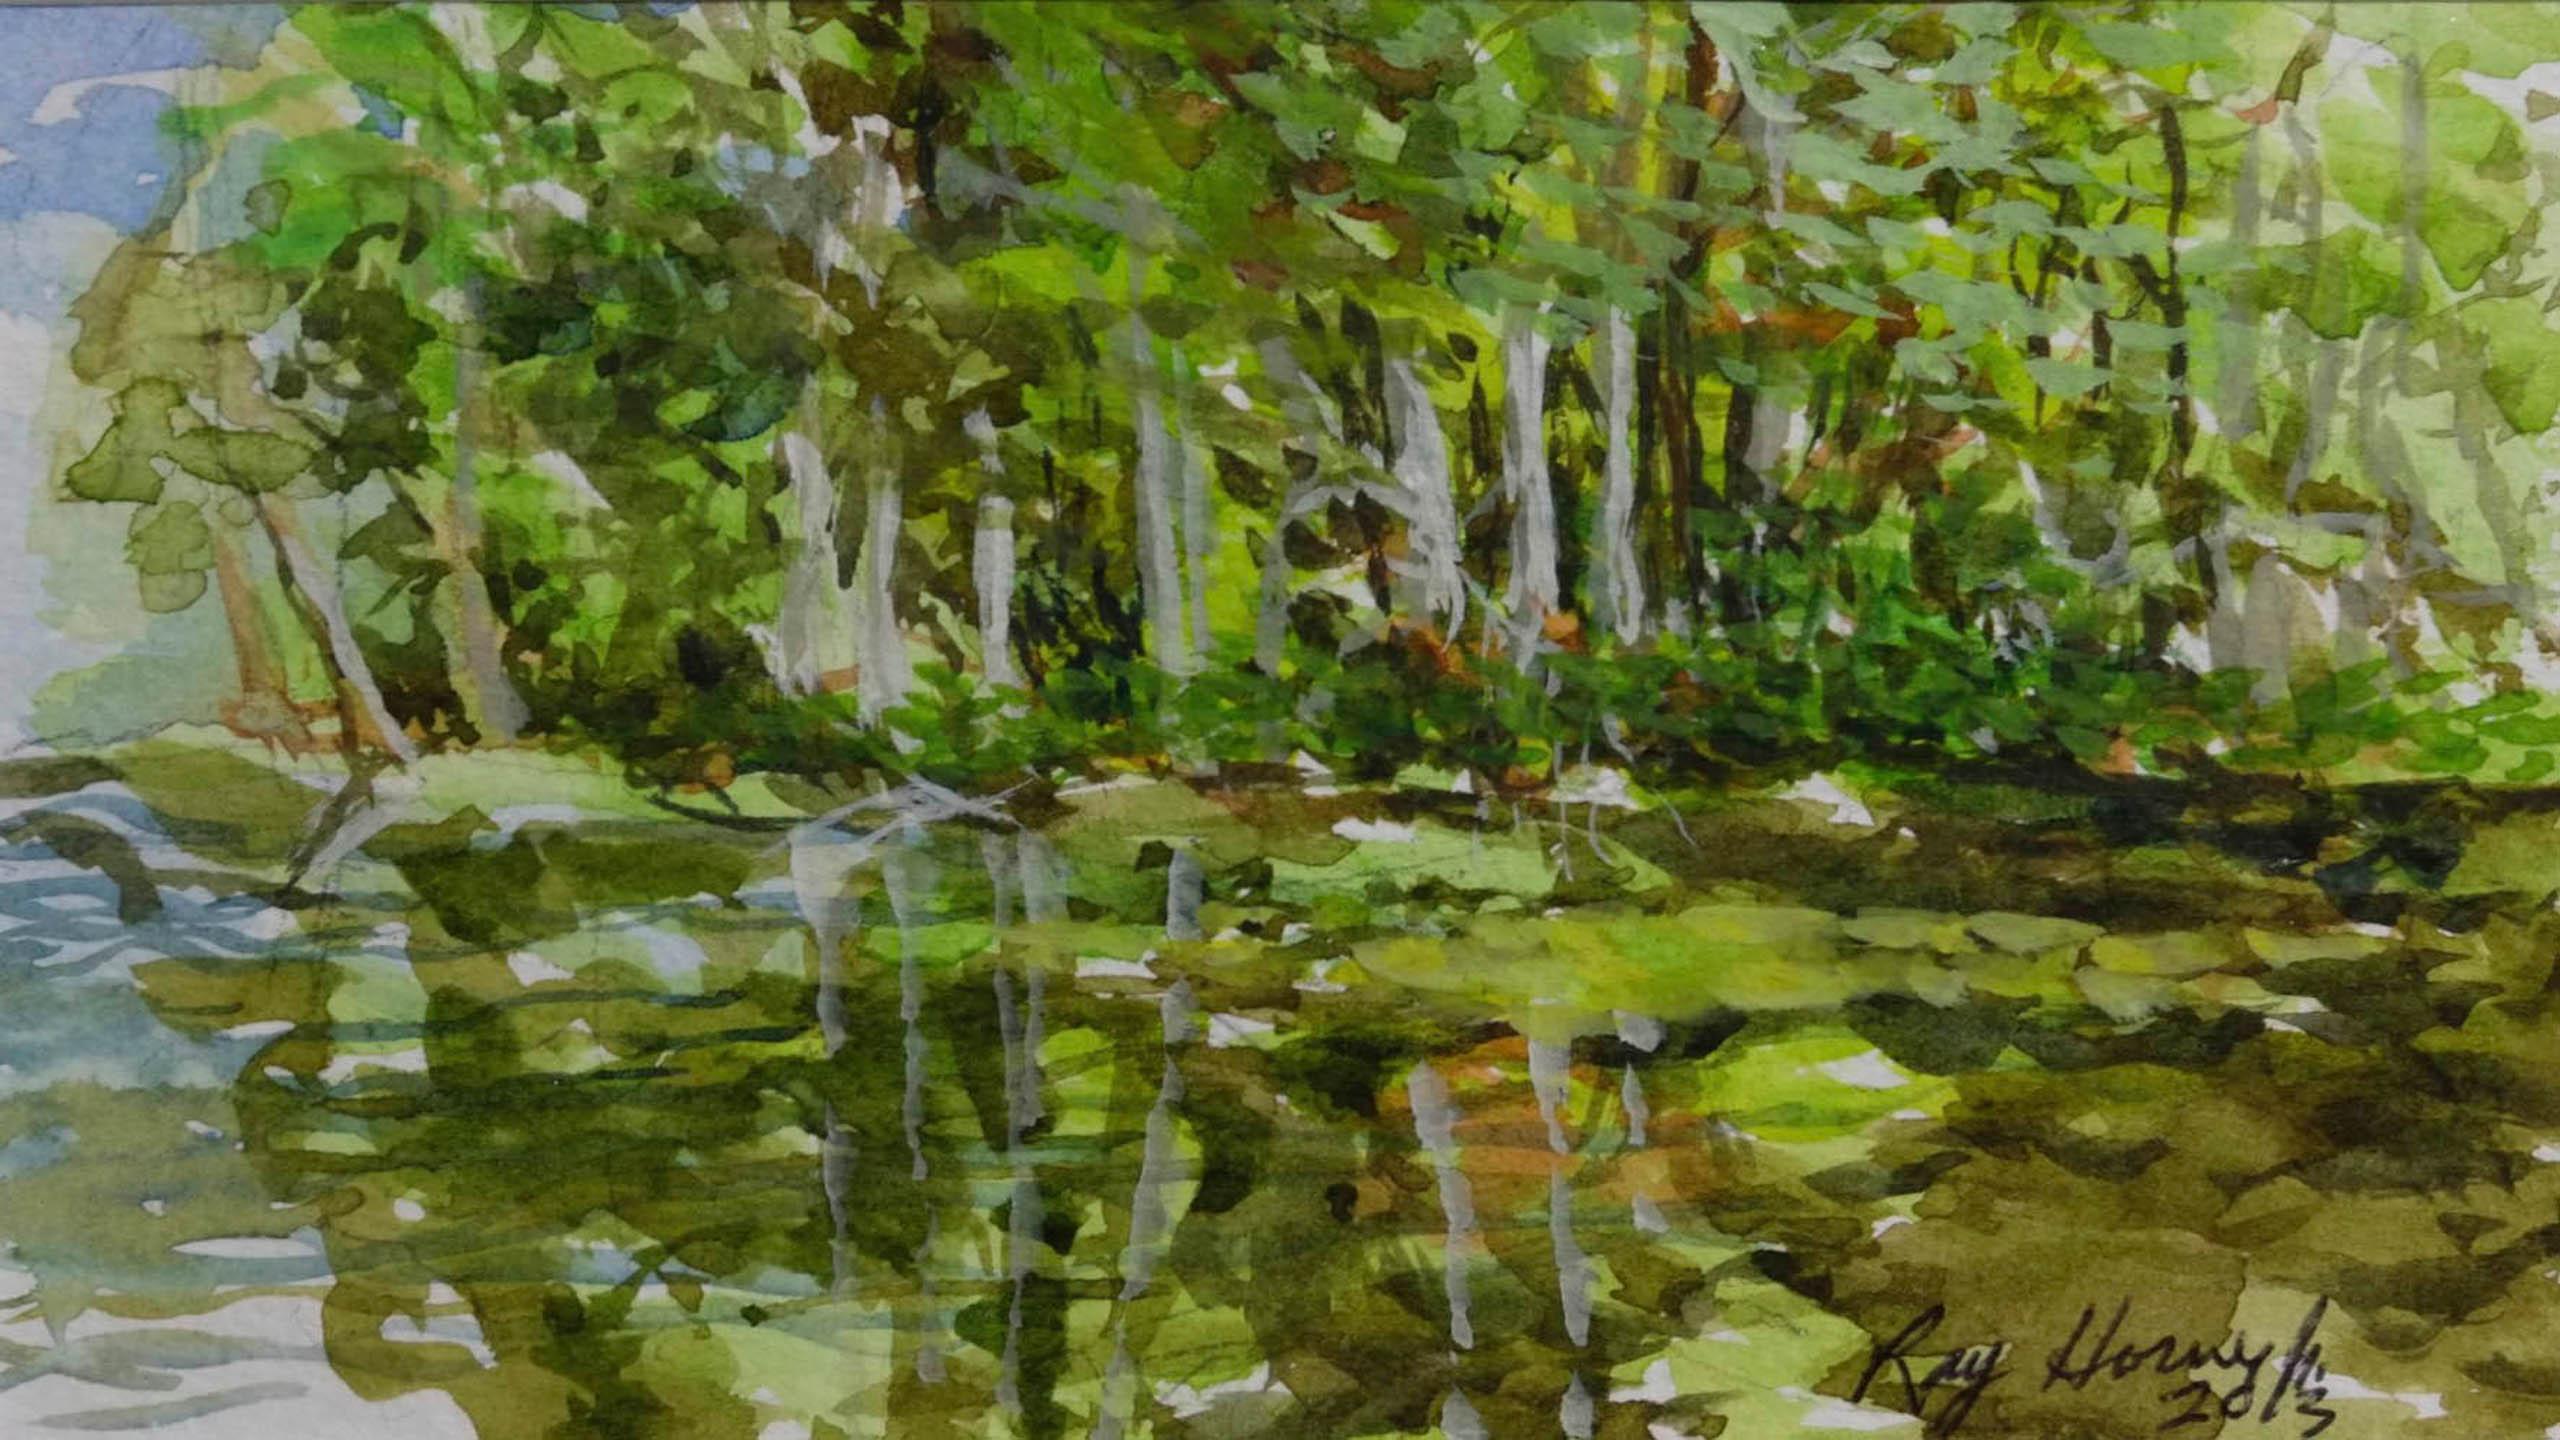 Artist, Ray Horner Jr.